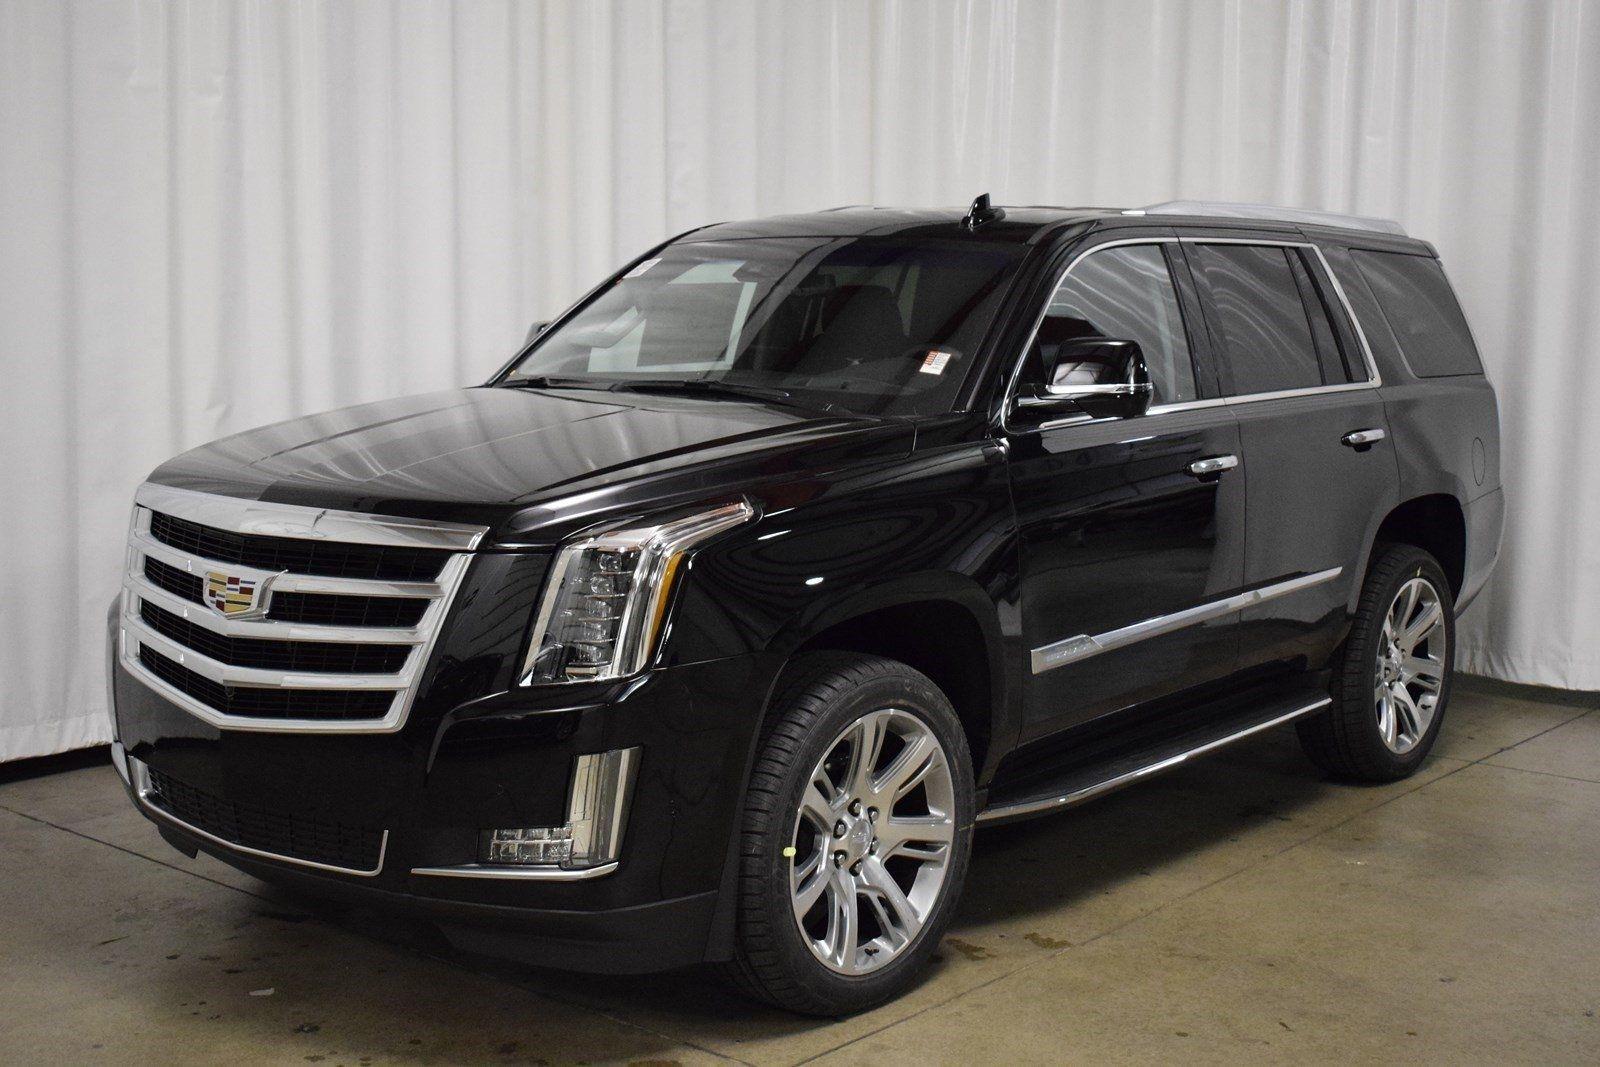 15+ Cadillac escalade 2017 price ideas